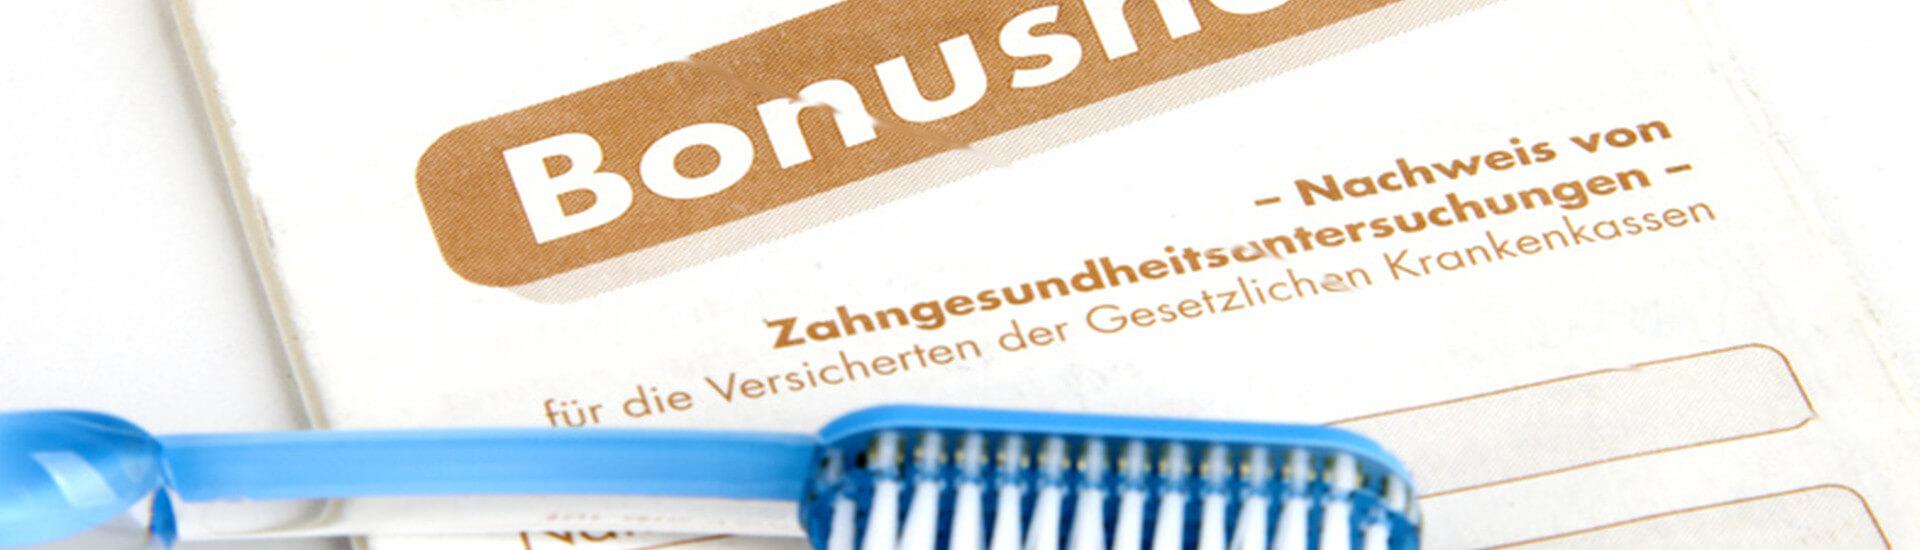 Das Zahnarzt-Bonusheft: Regelmäßigkeit wird belohnt